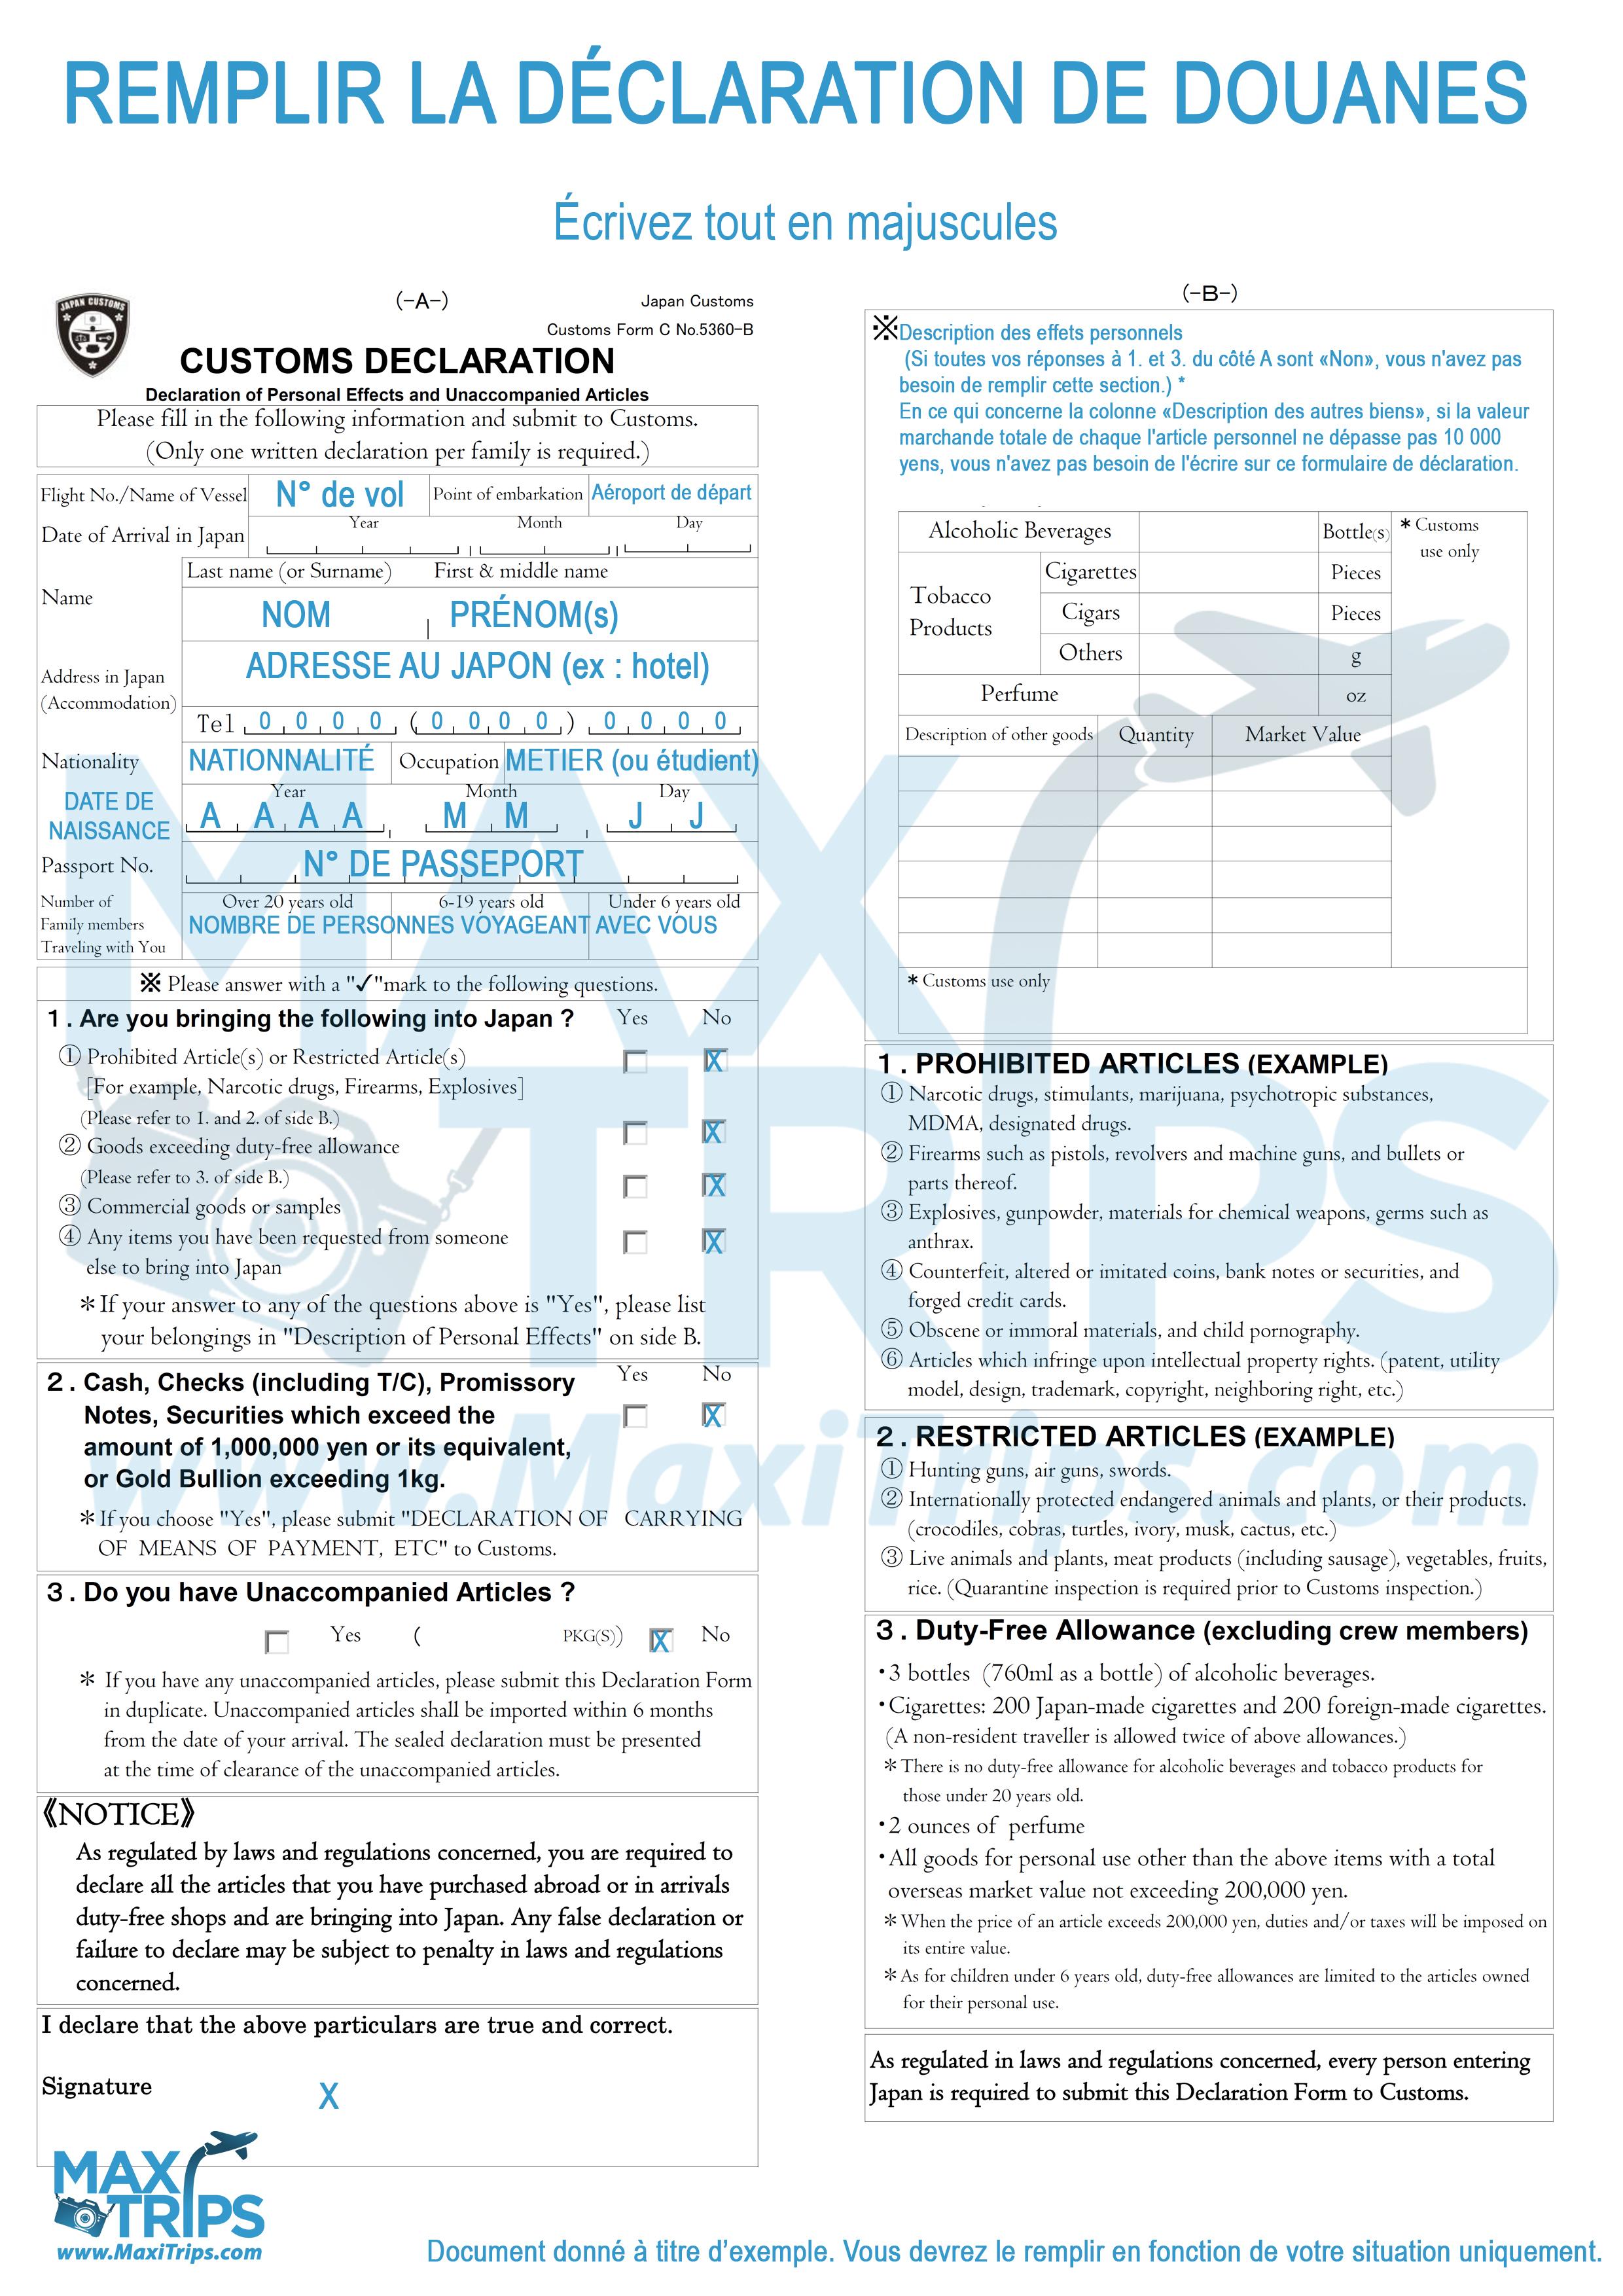 comment-remplir-la-declaration-de-douanes-japon-maxitrips